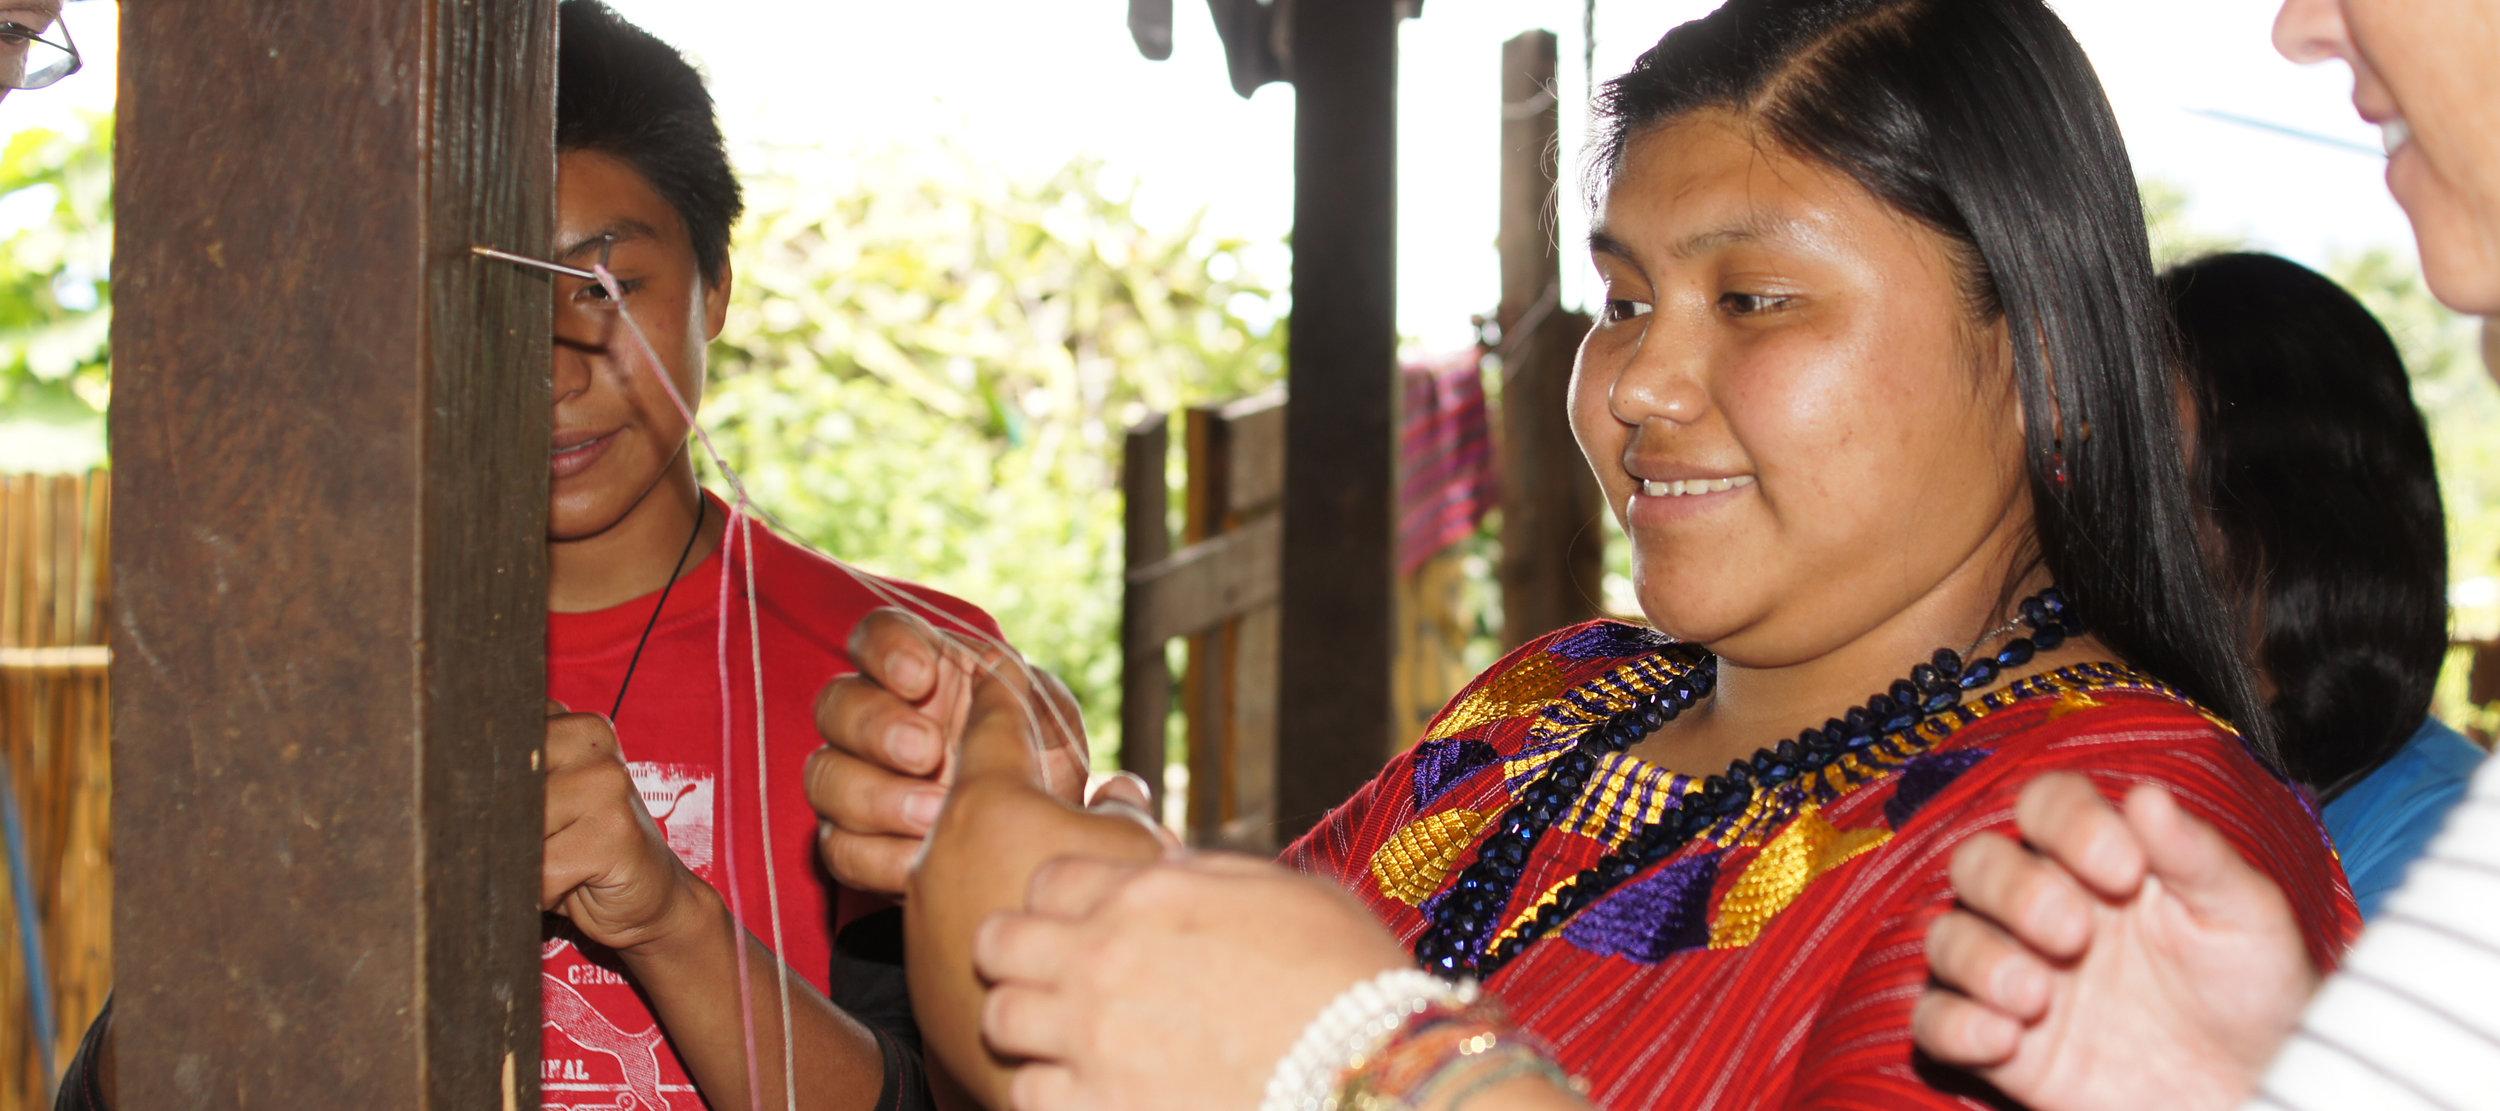 APs-Guatemala.jpg